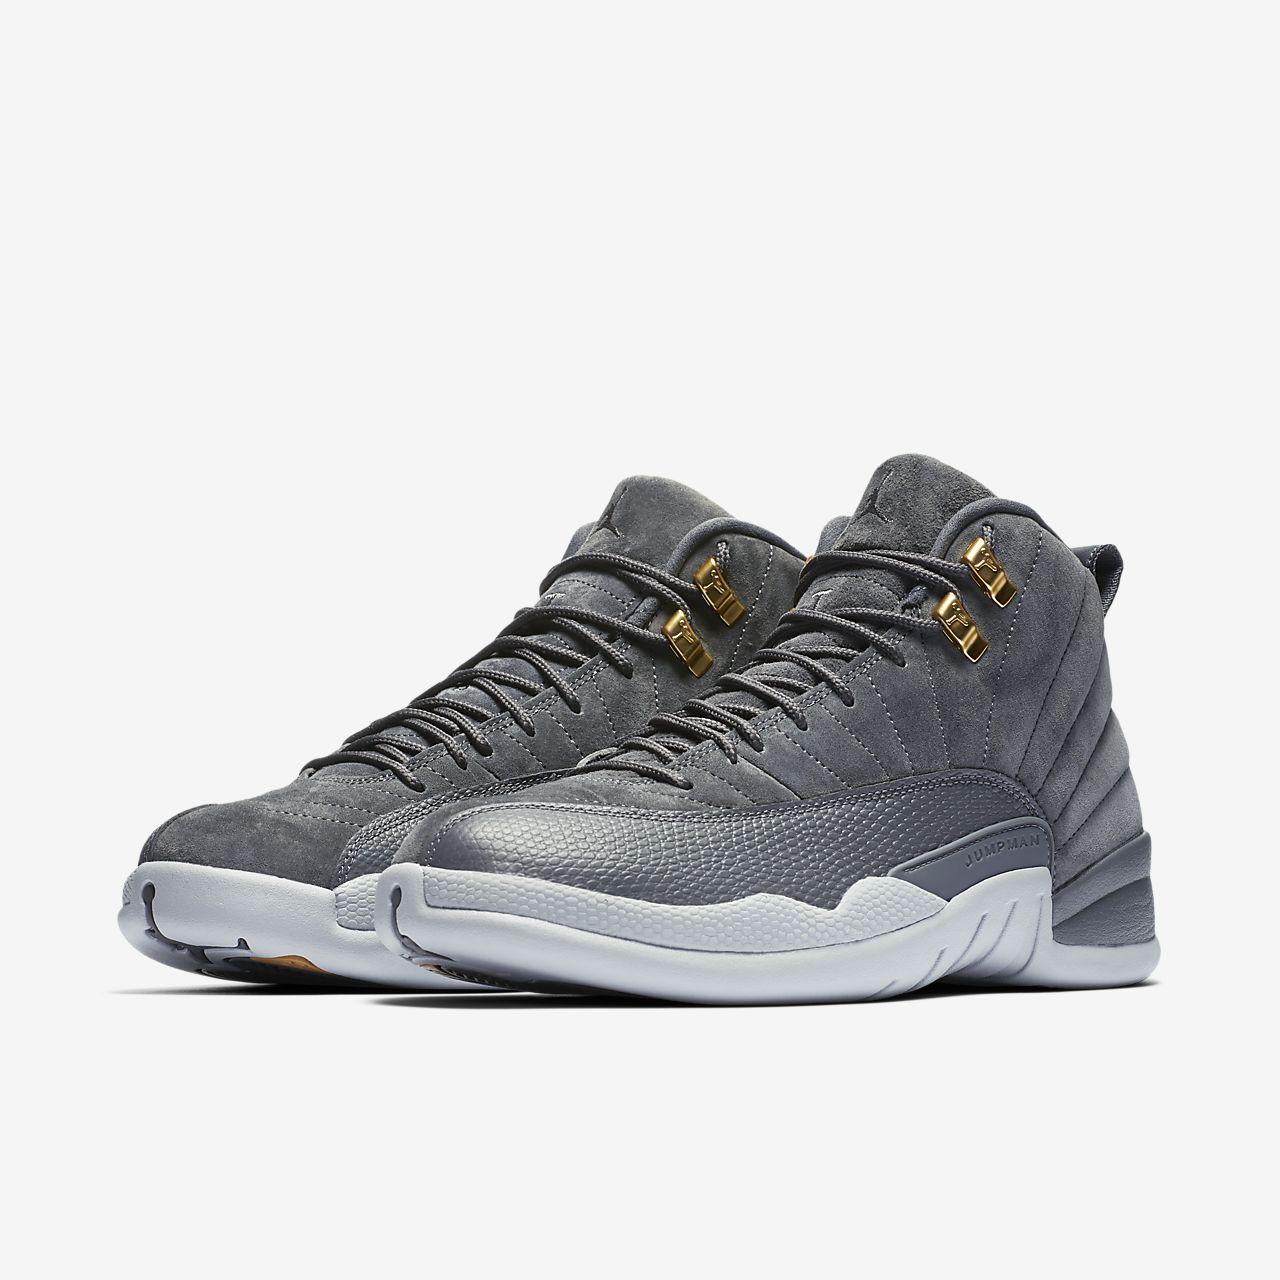 new style 7b8ff 0132f air jordan 12 retro homme, ... Chaussure rétro Air Jordan 12 Retro pour